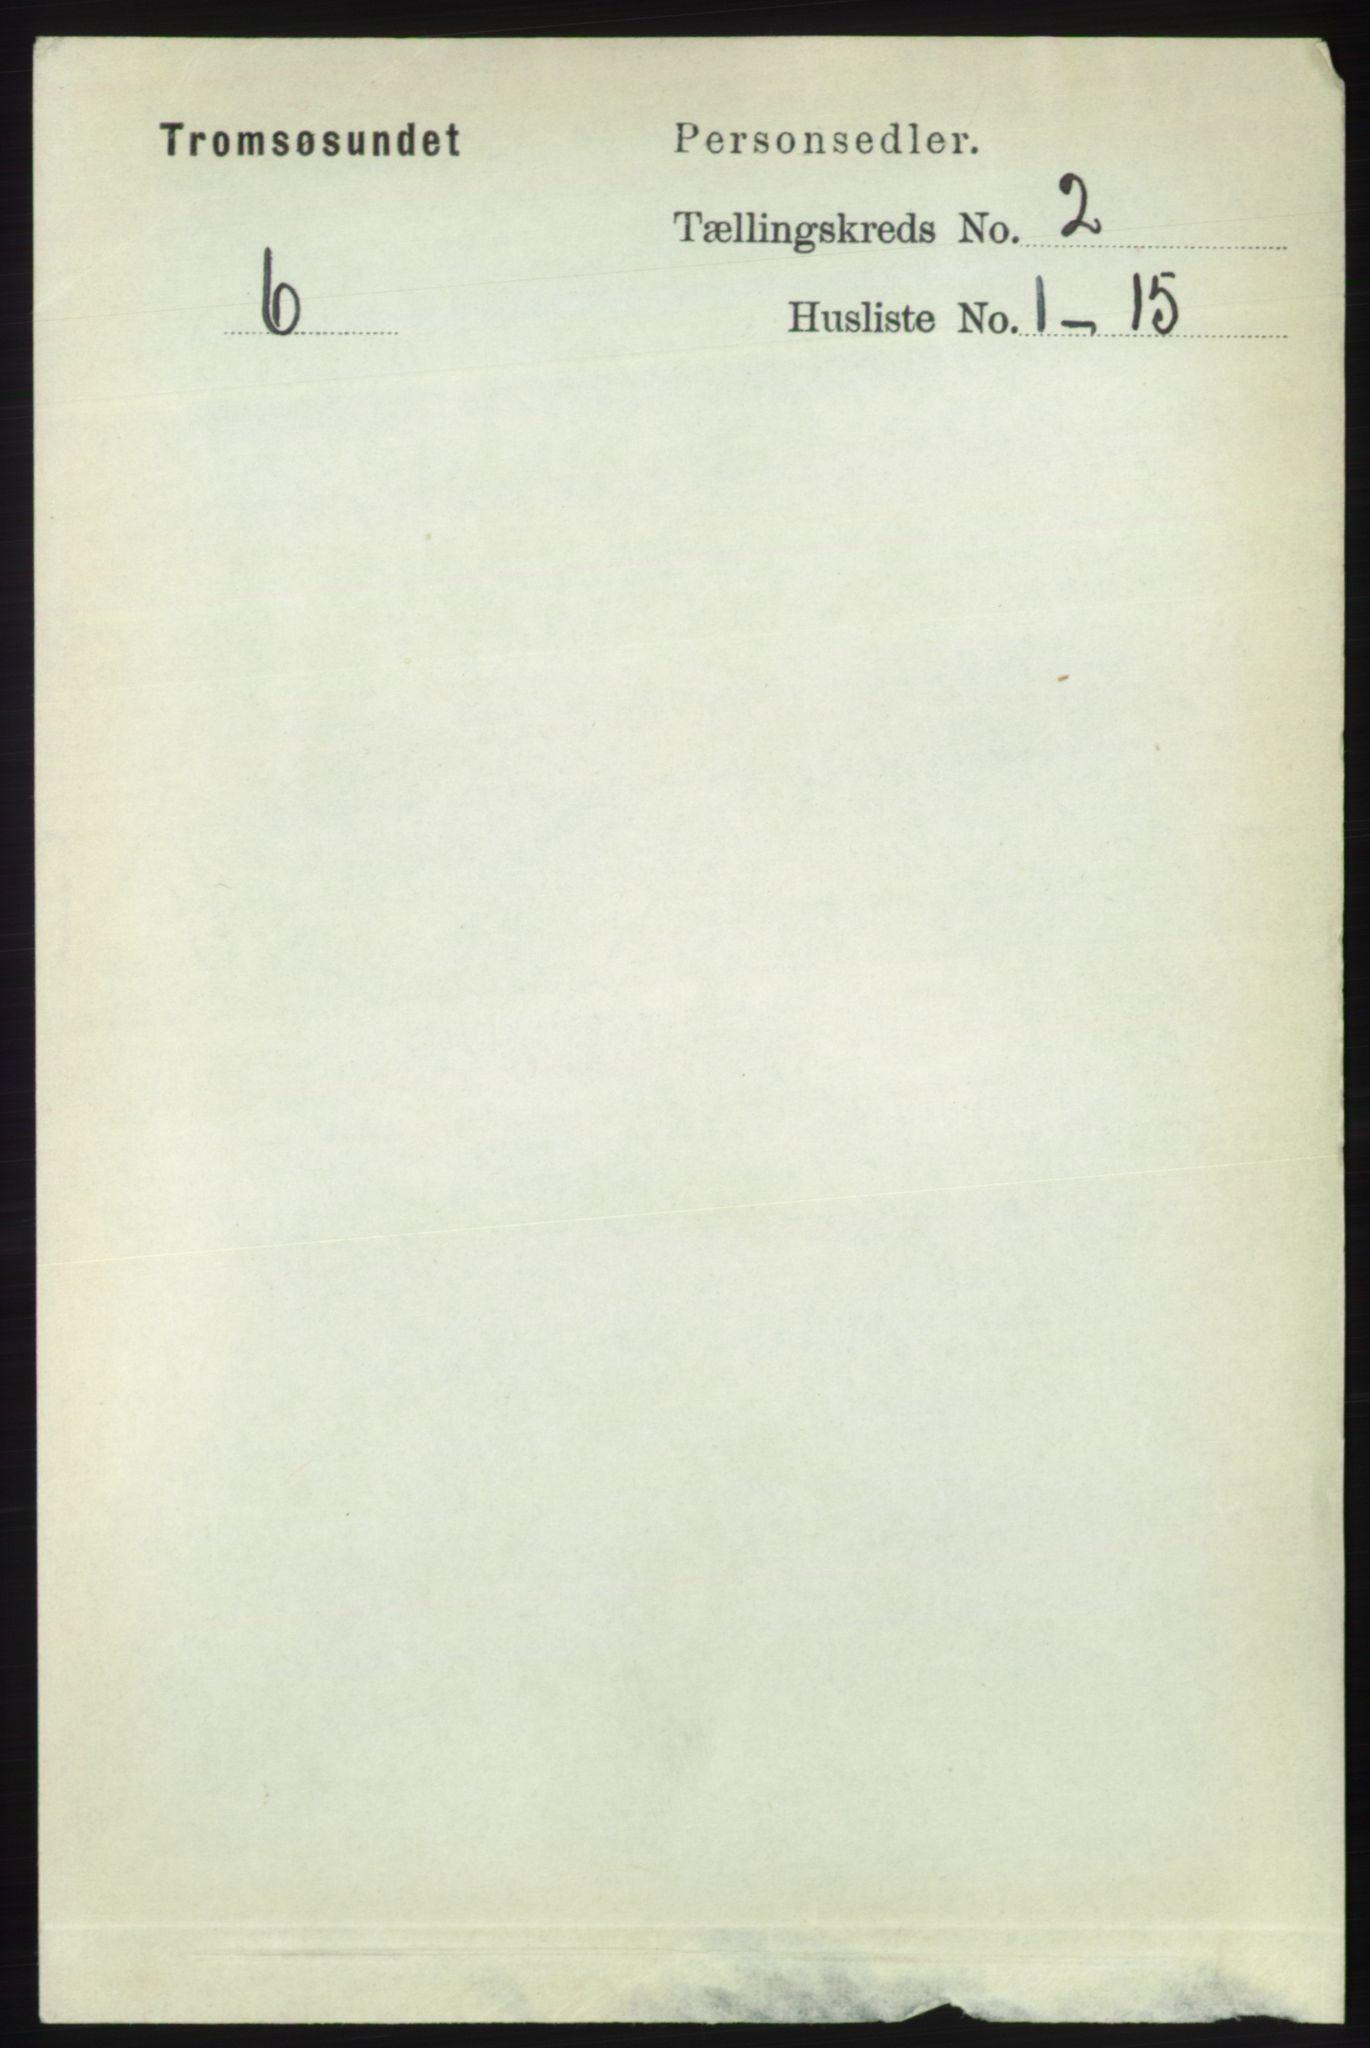 RA, Folketelling 1891 for 1934 Tromsøysund herred, 1891, s. 557